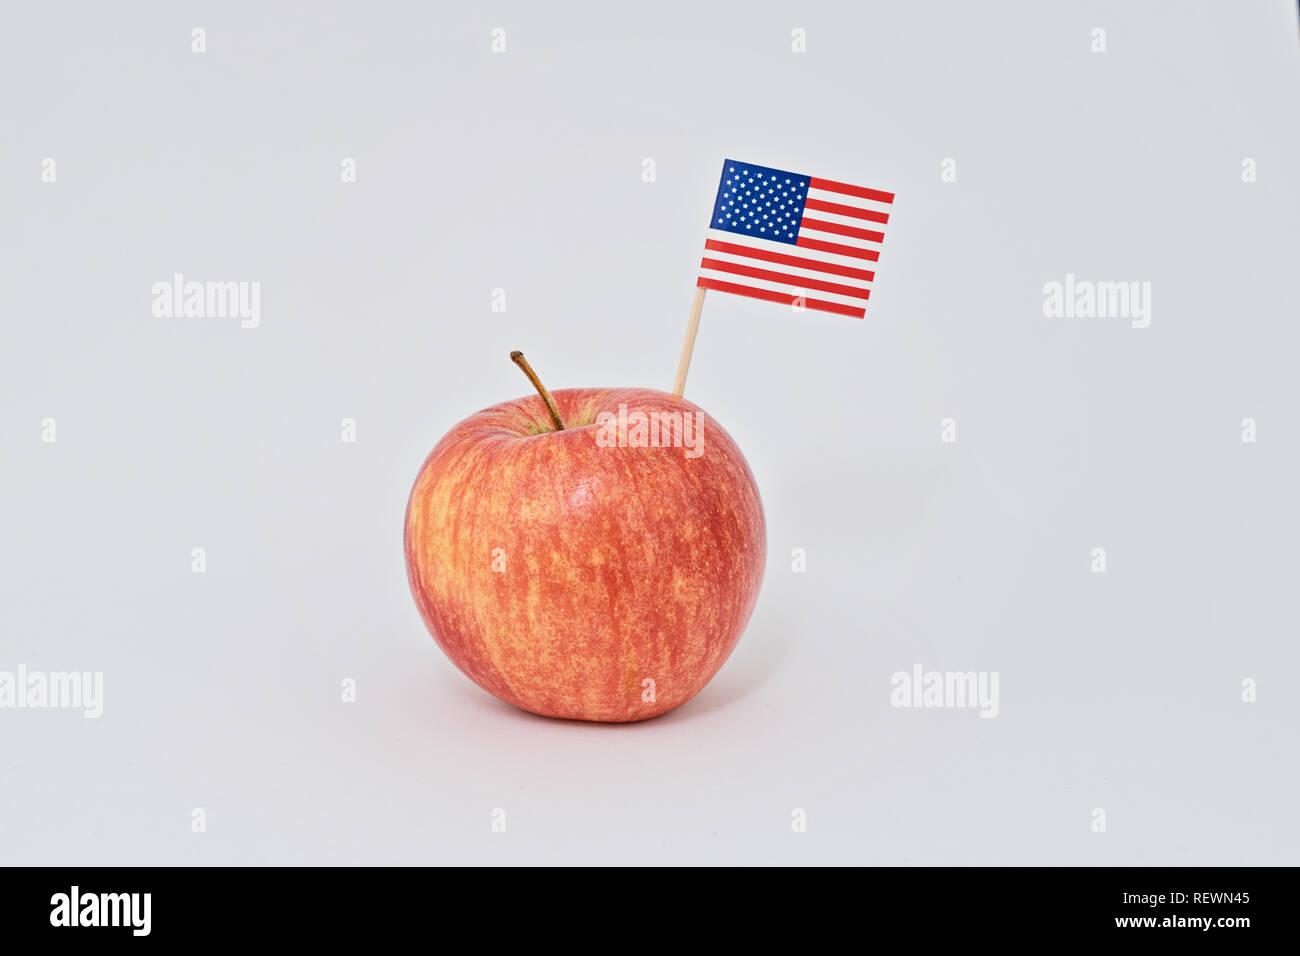 Ripe Rosso Apple E Piccola Bandiera Americana Crostino Su Sfondo